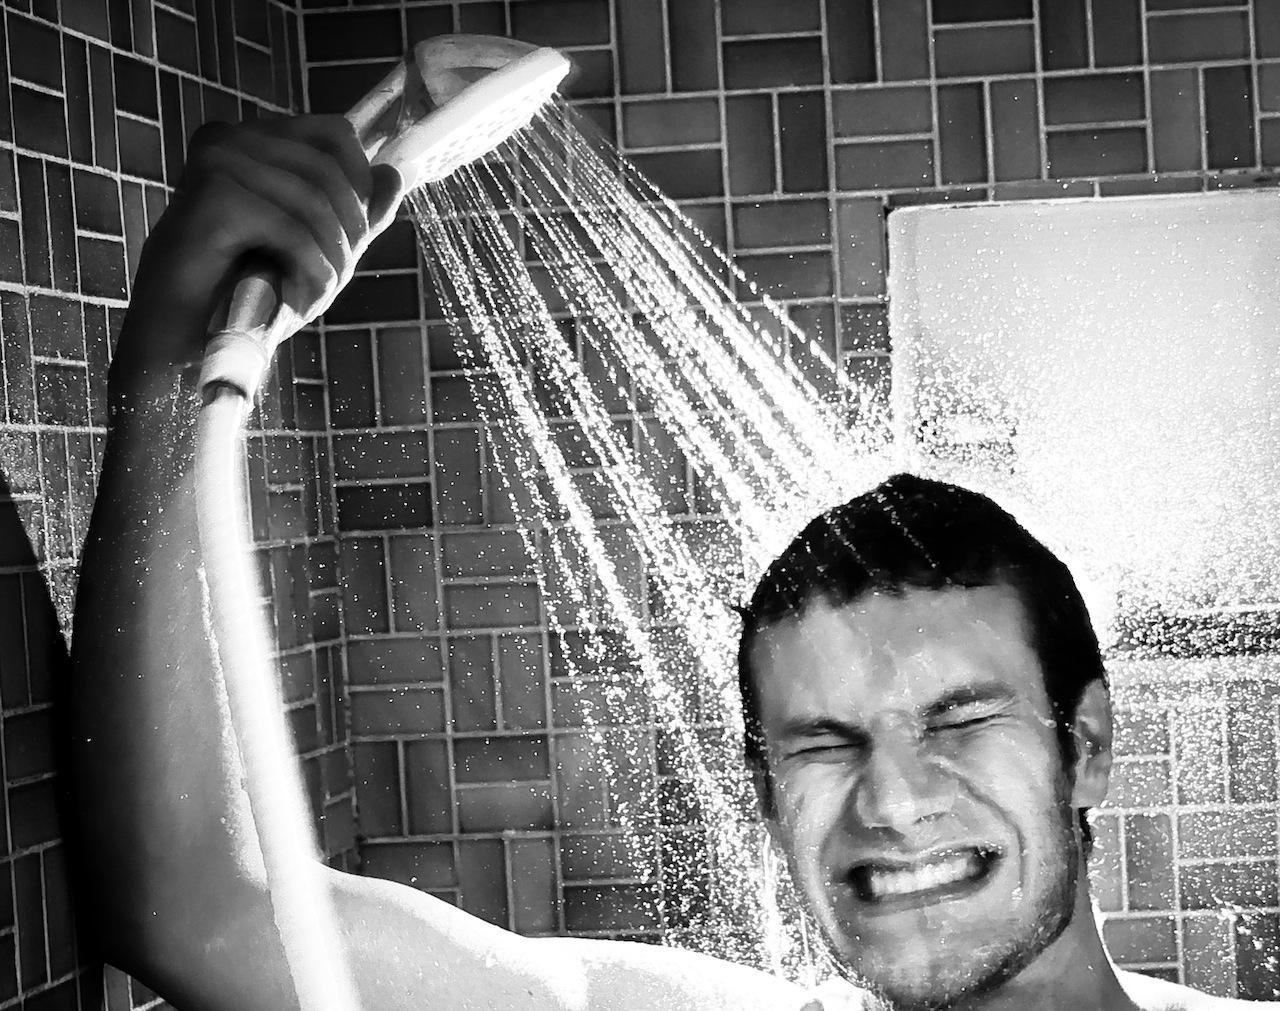 朝シャワーを浴びる